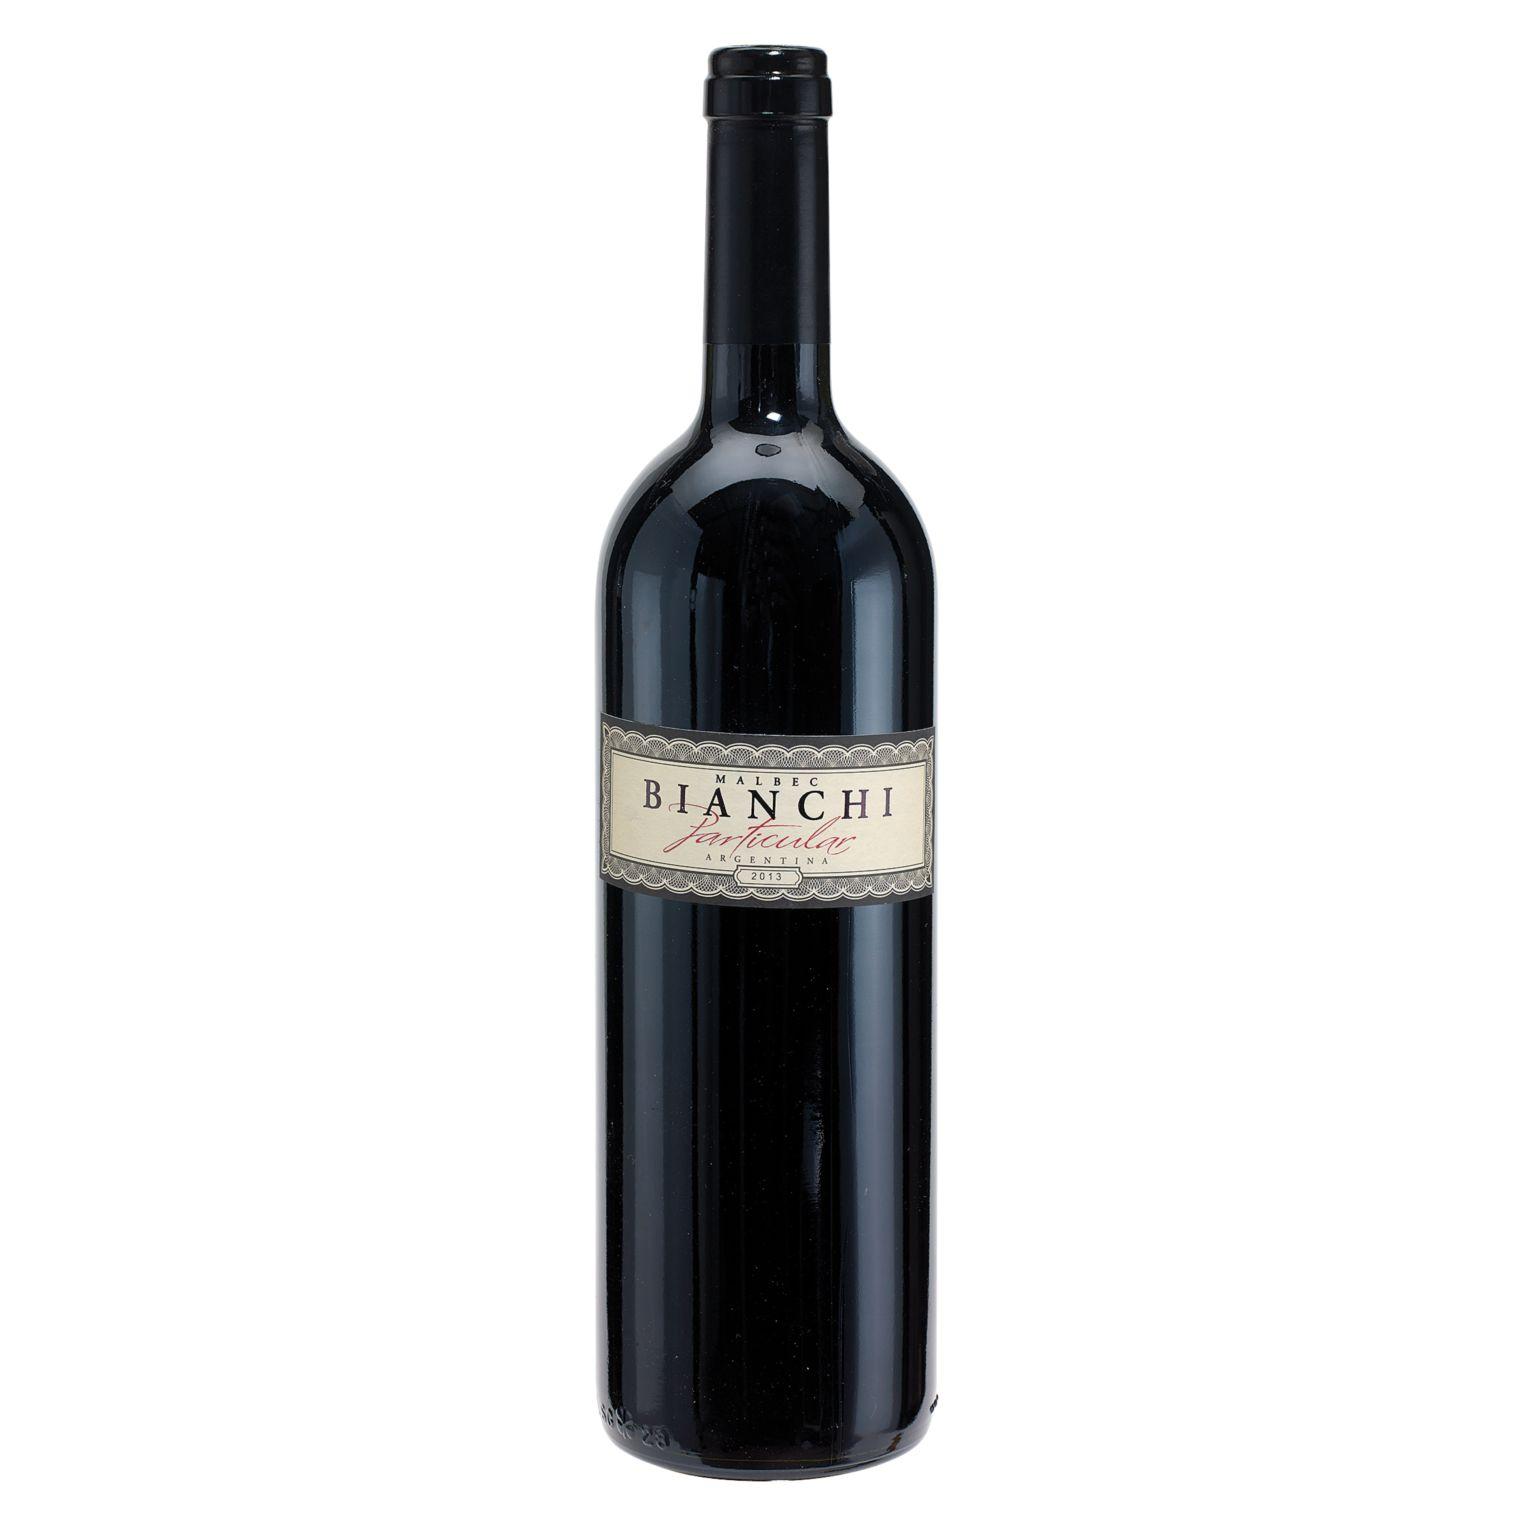 Red Wine, 2013 BIANCHI Particular – Malbec